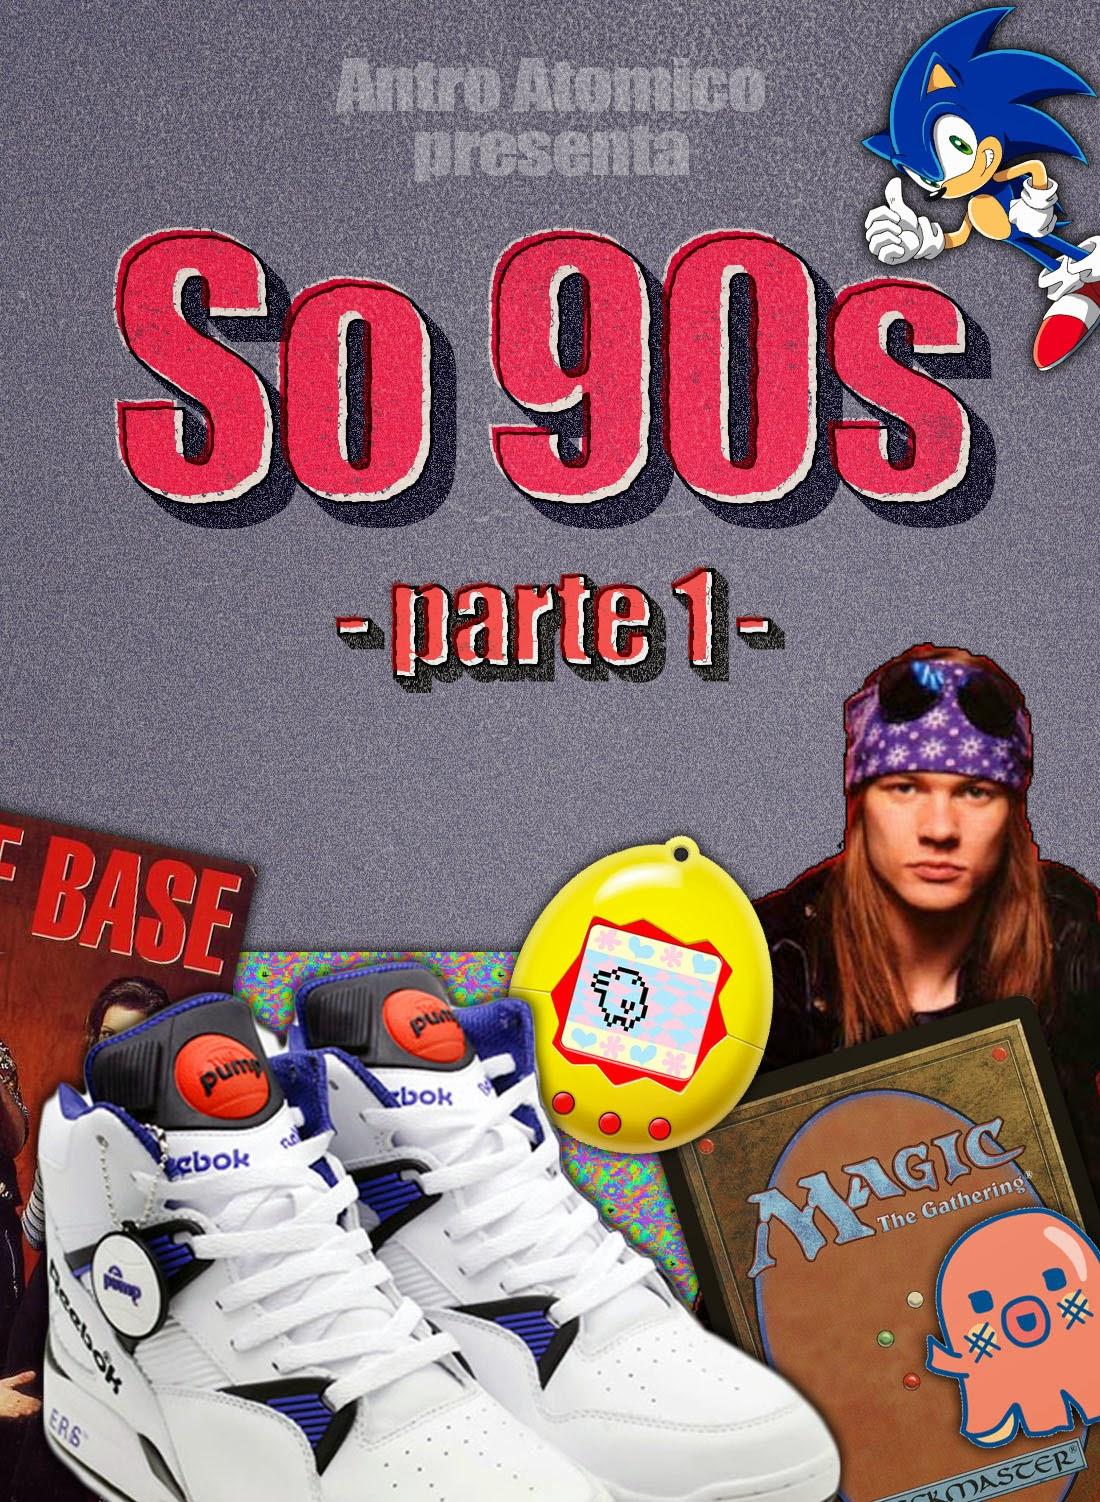 90s Manie So Degli 1 parte Mode Tormentoni 90 E Anni 6qn7RO